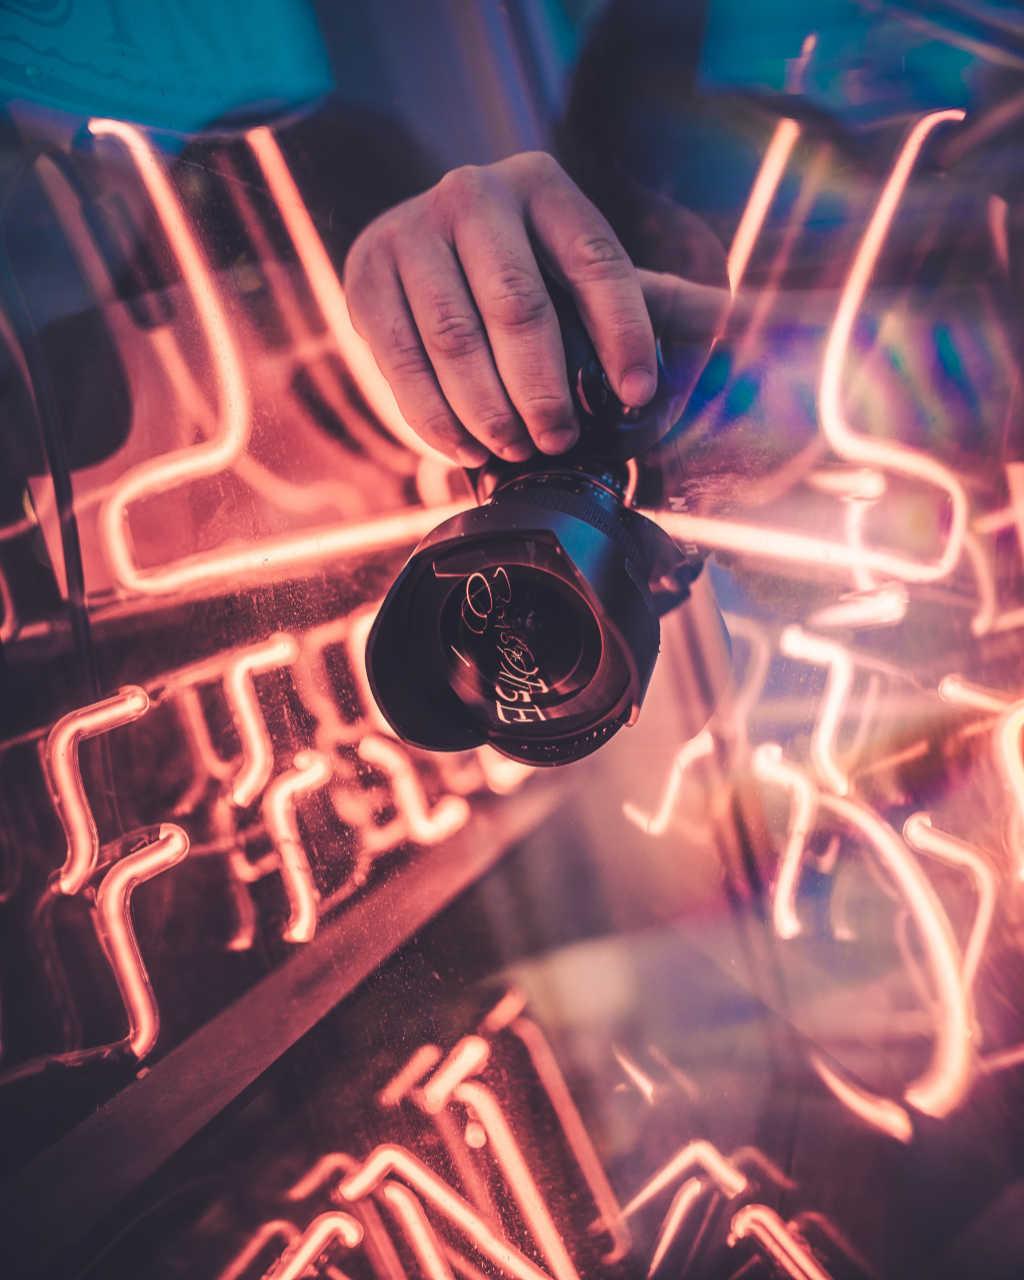 Si vede una macchina fotografica in mano e intorno dei tubi fluorescenti in rosa chiaro. Foto Unsplash per articolo di Wein-Plus Italia